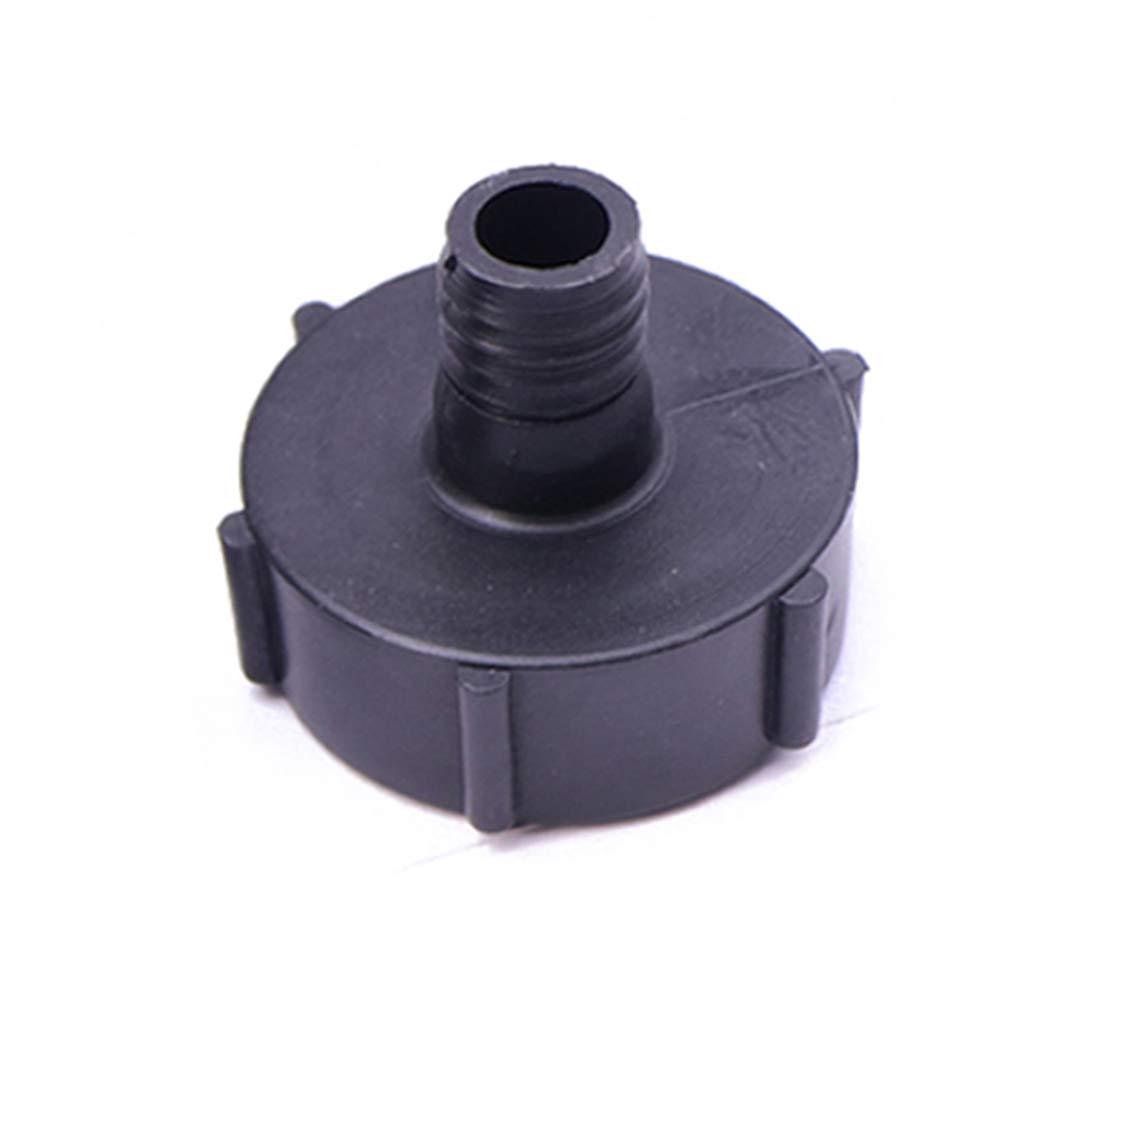 Gallon IBC Tote Tank Drain Adapter Coarse Thread 2 To 3//4 Garden Hose